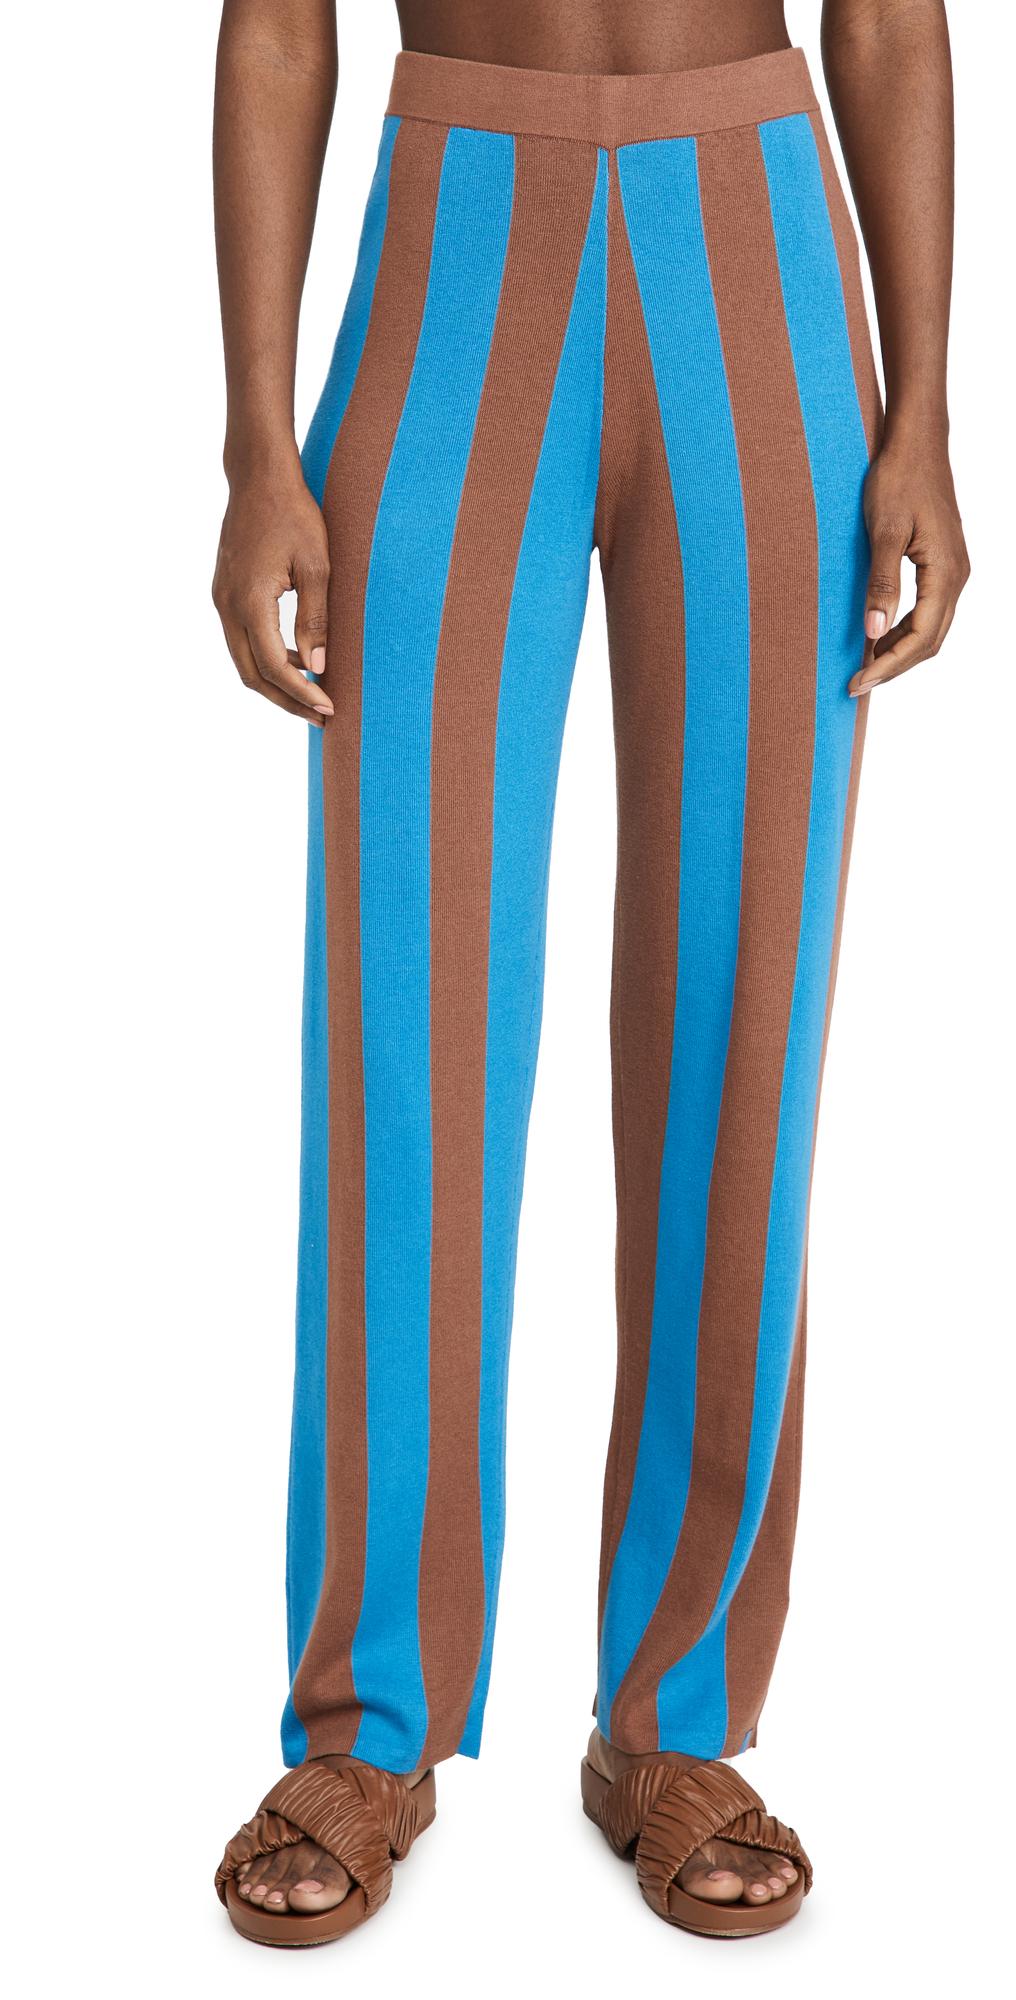 The Natasha Pants